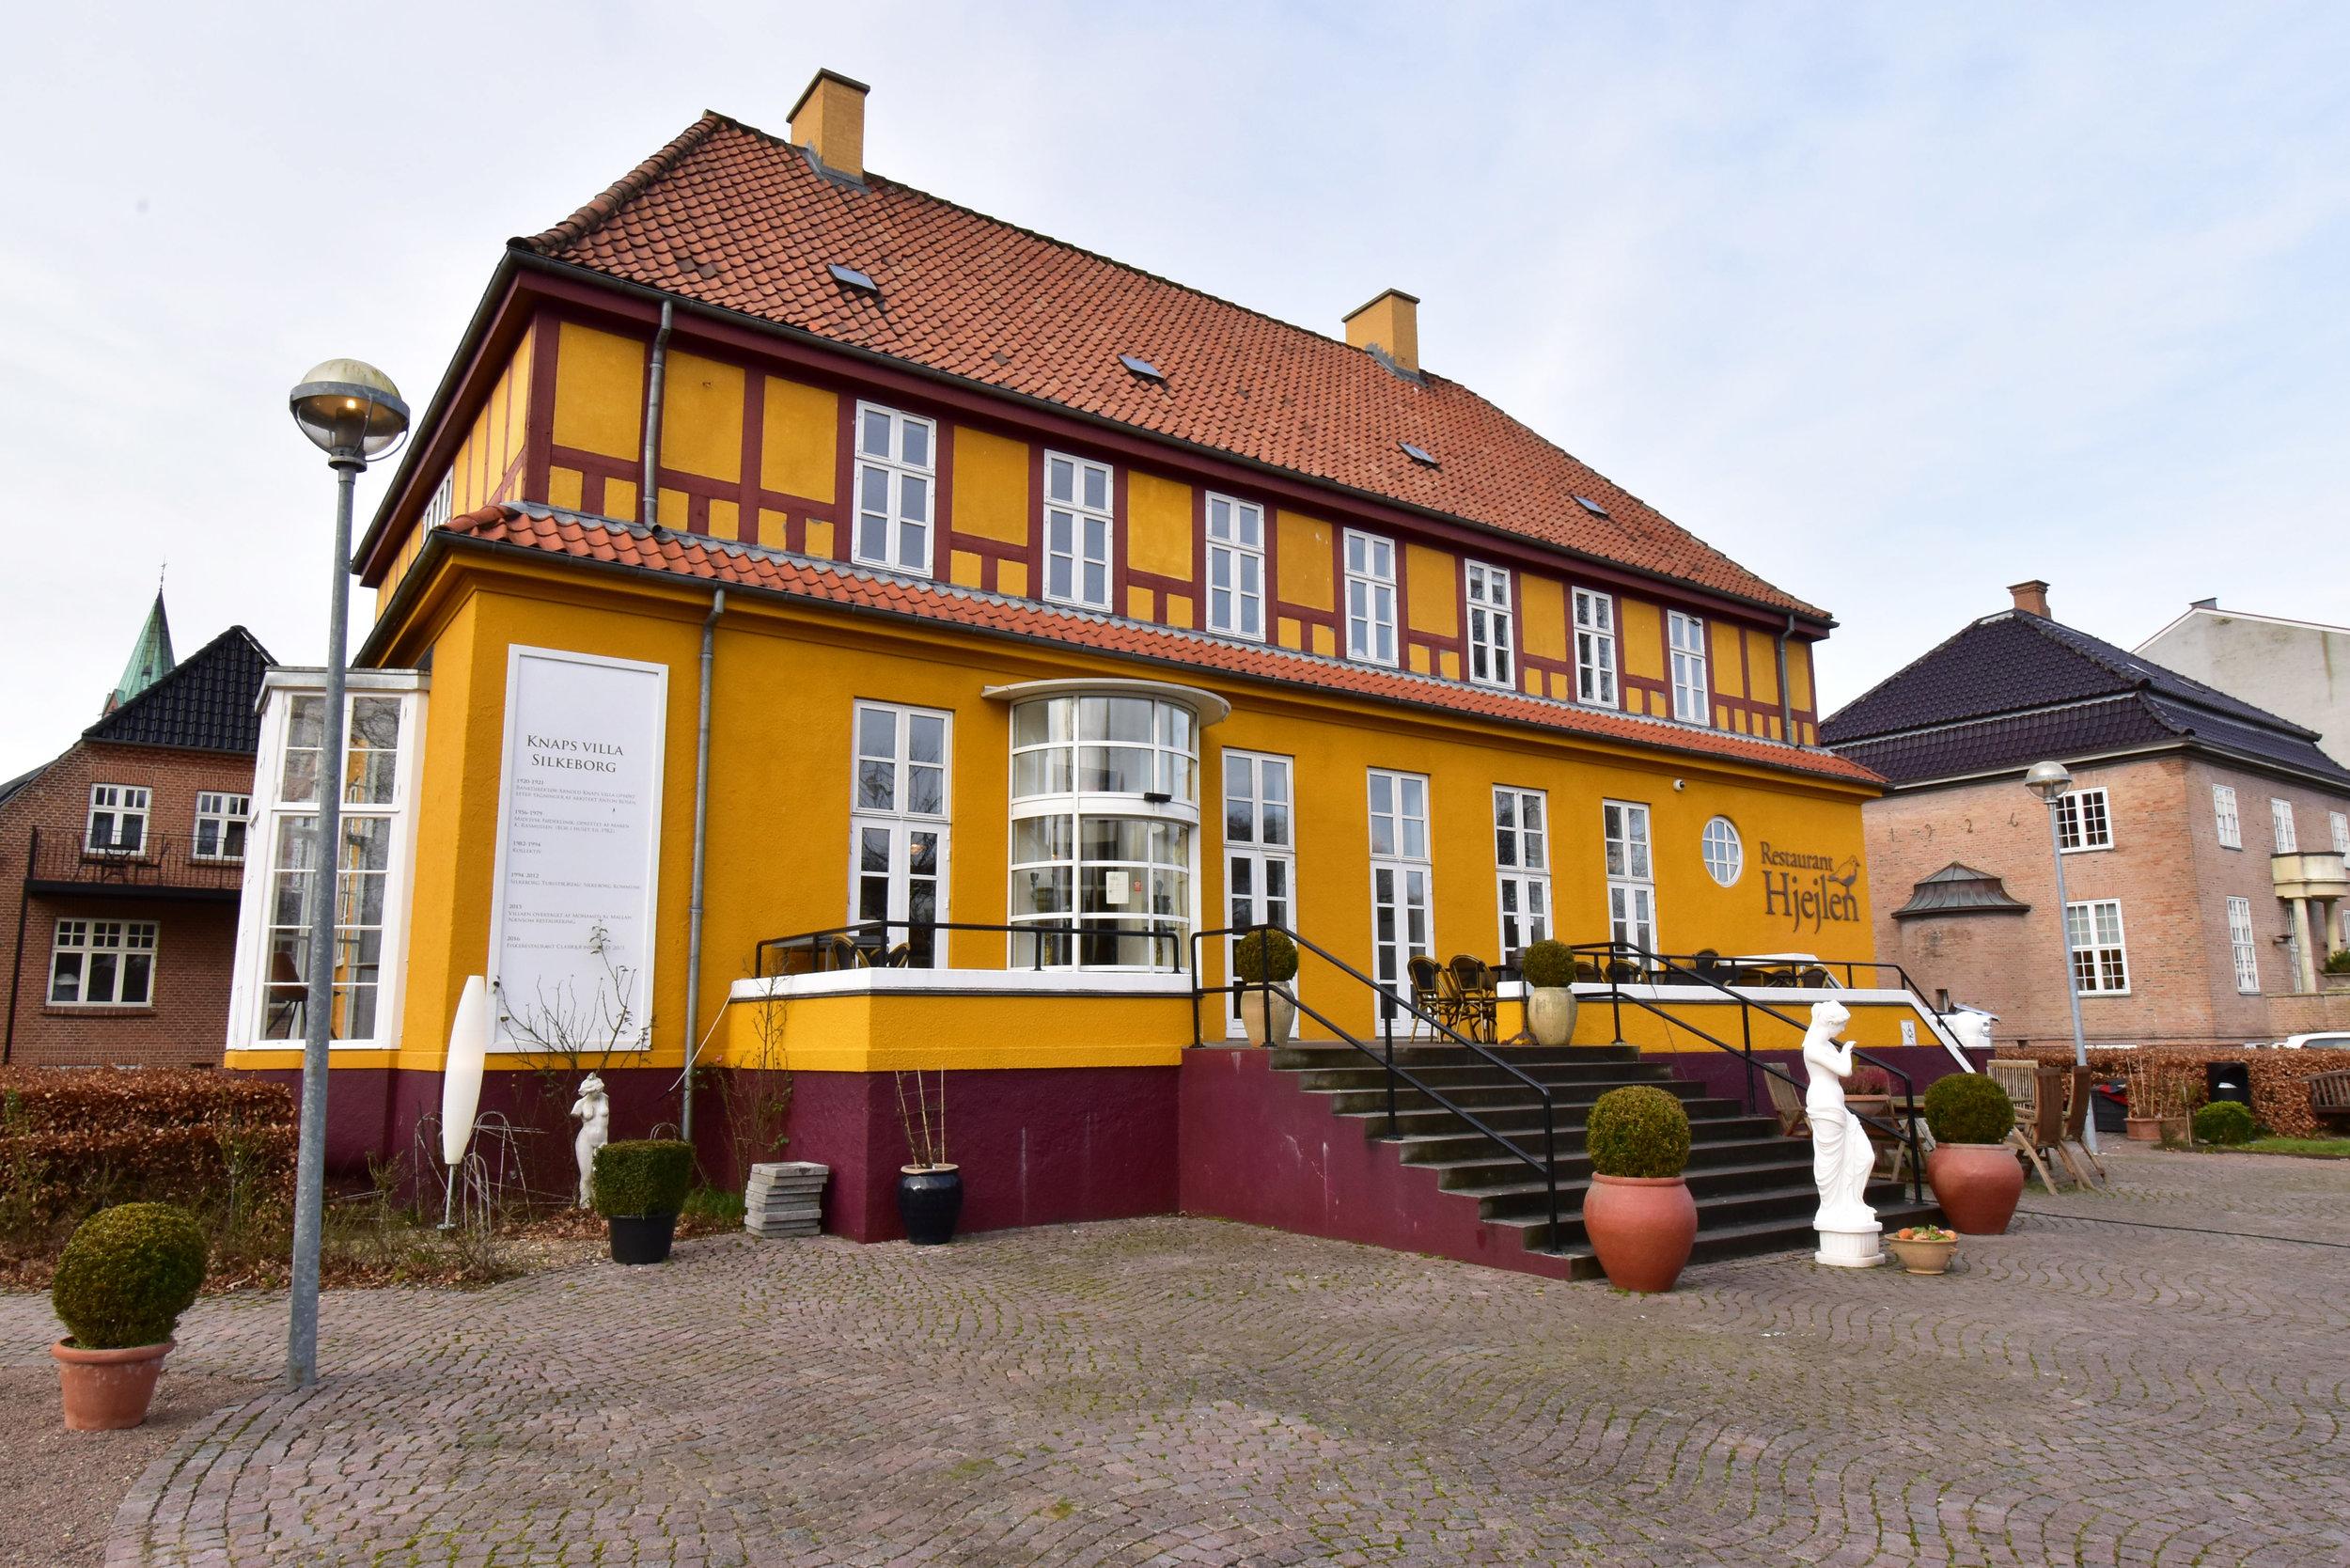 Restaurant Hjejlen_14.jpg